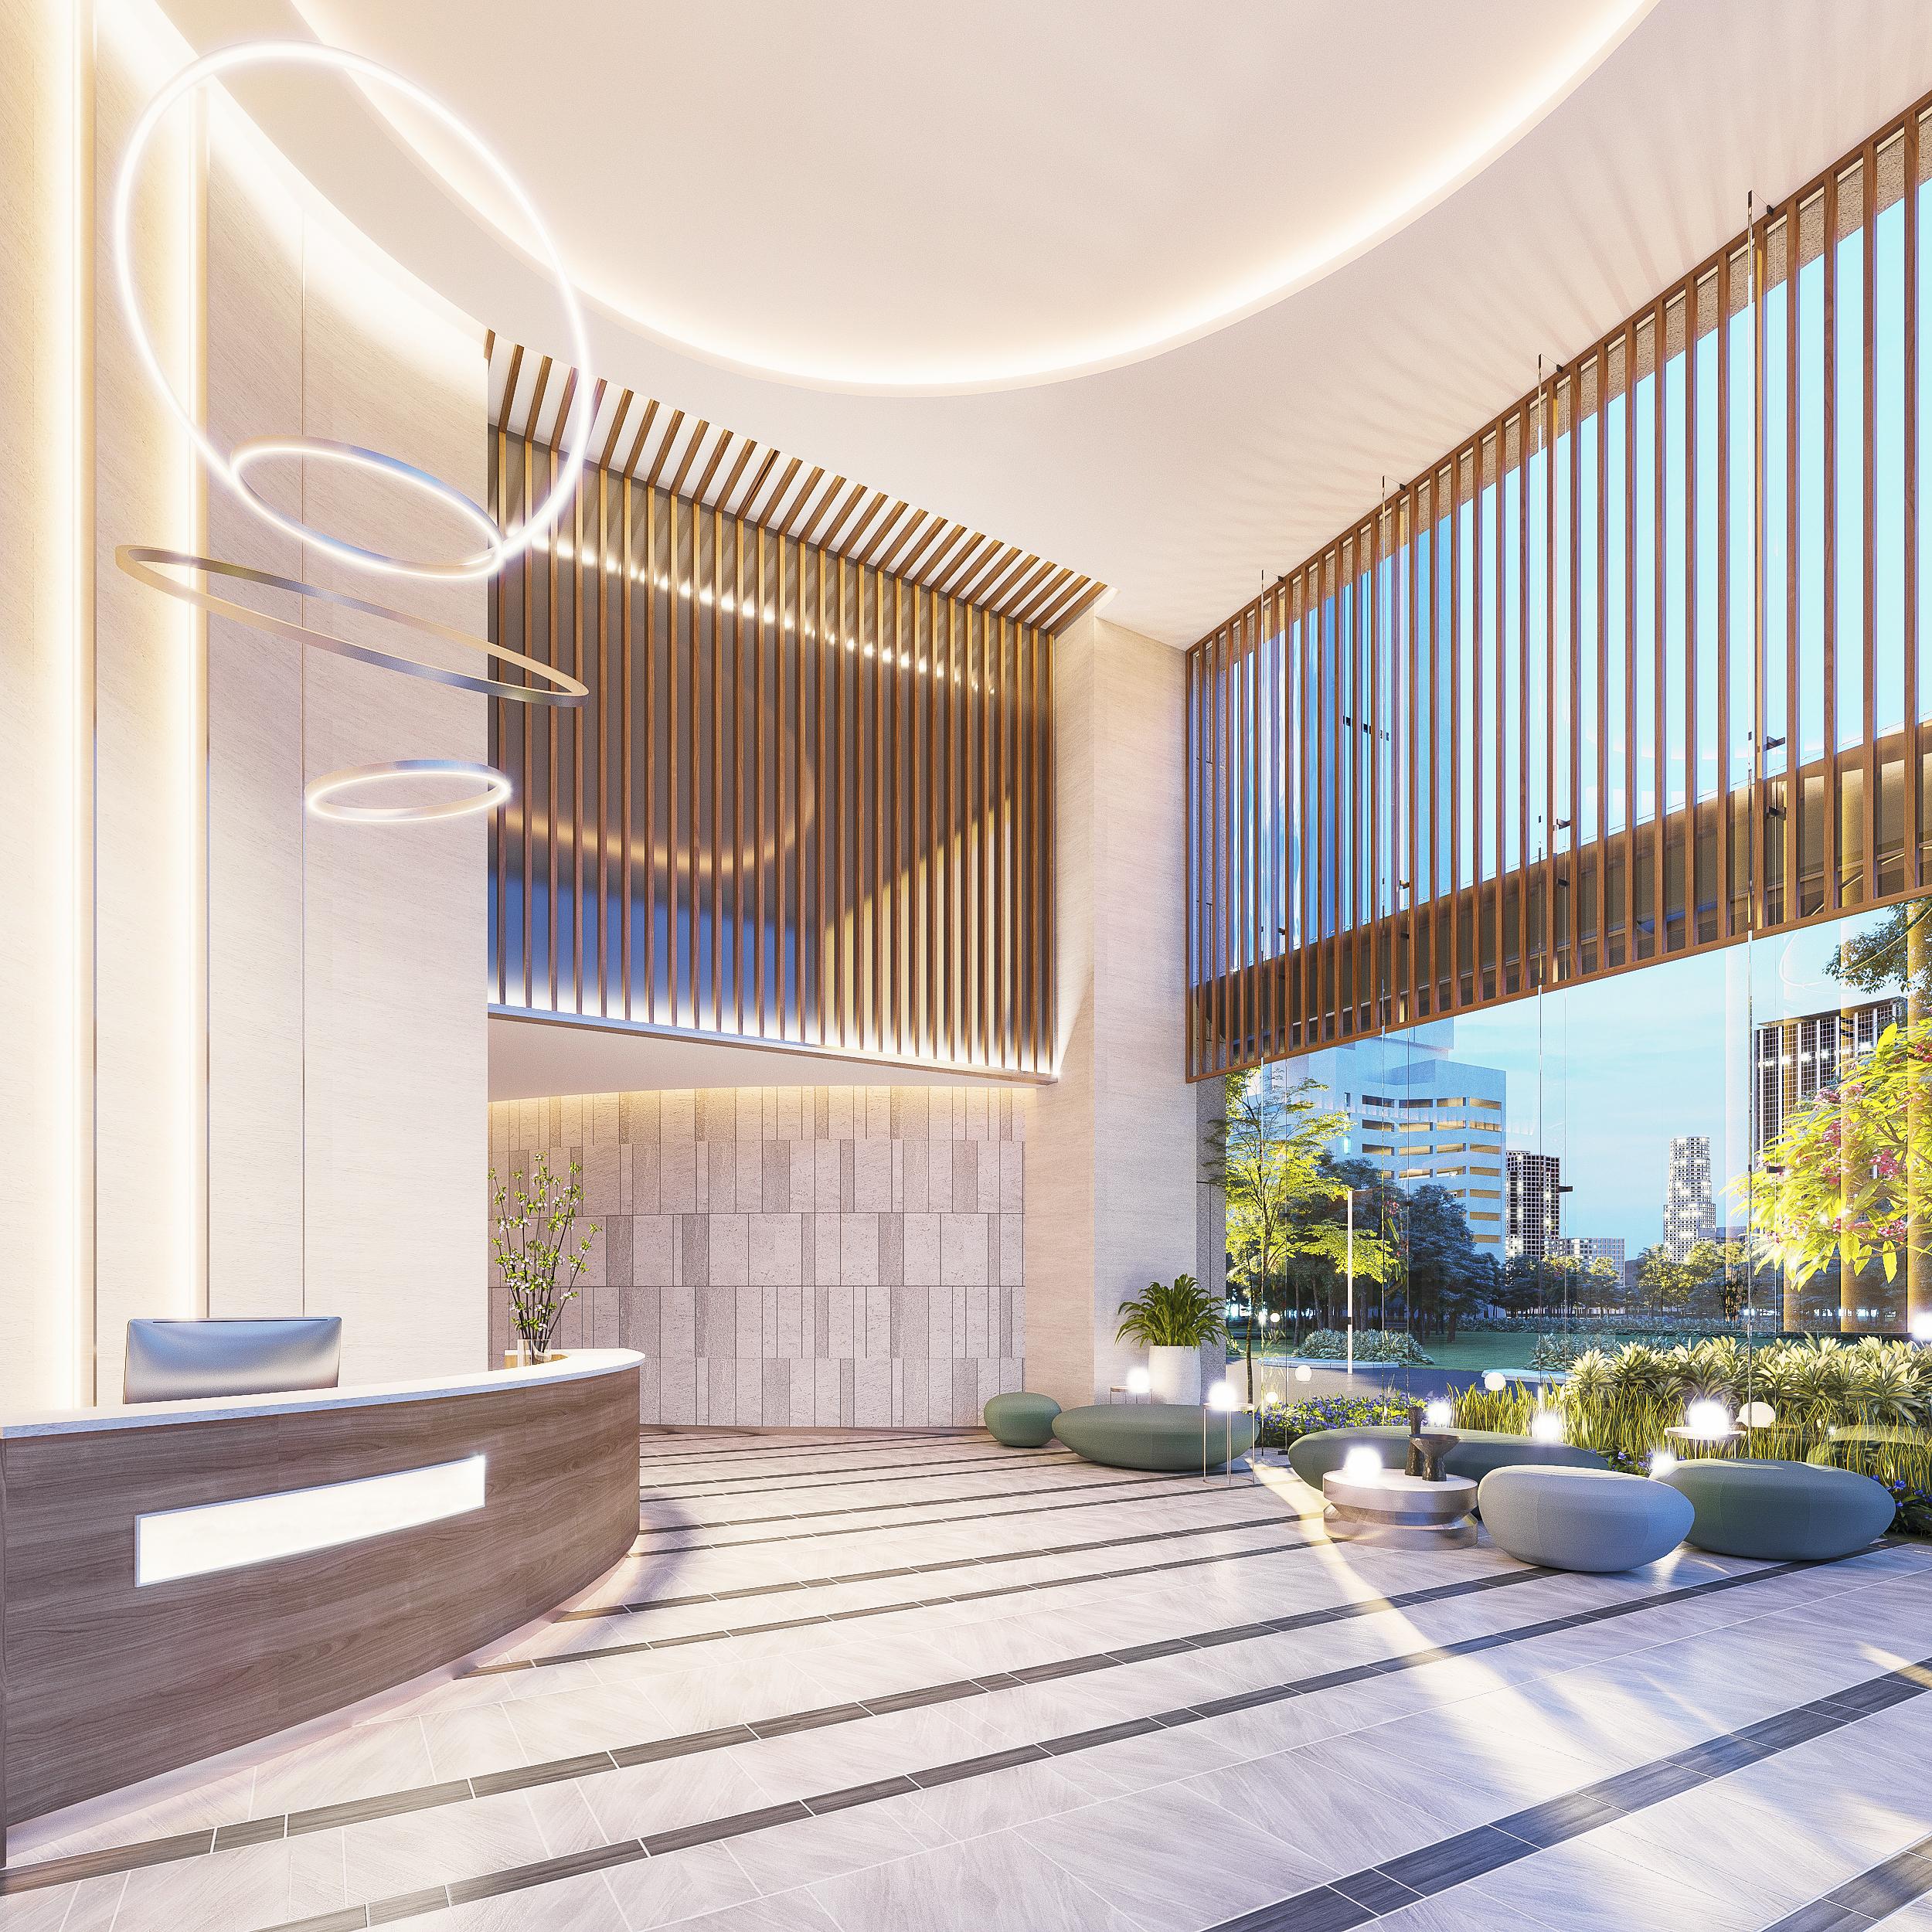 Dự án Urban Hill do kiến trúc sư người Đức thiết kế